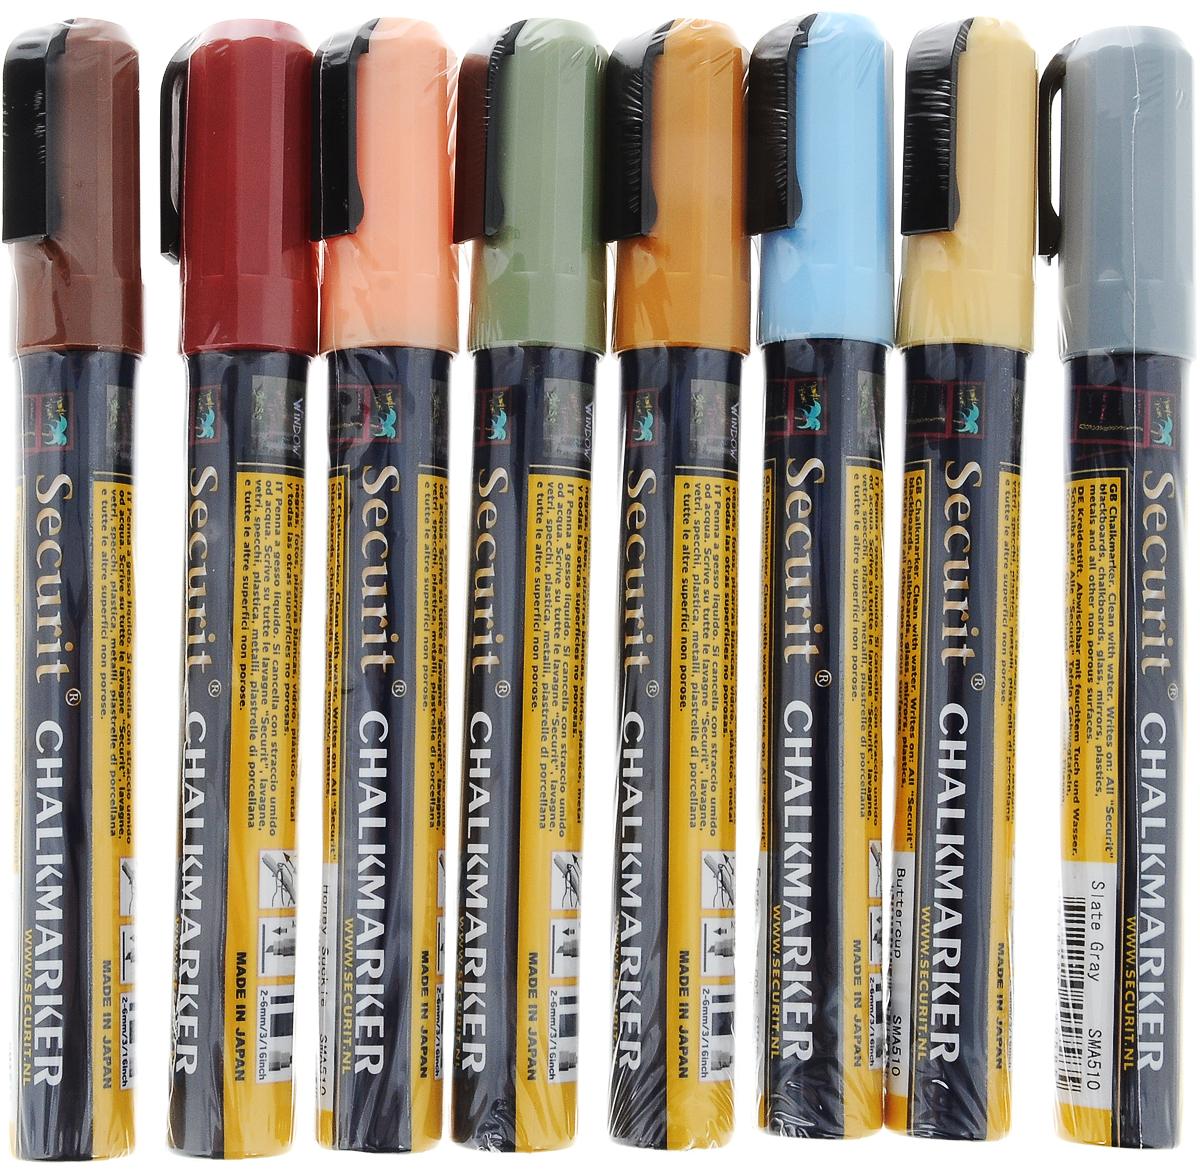 Маркеры для сообщений Securit, 8 штSMA510-V8-ETМаркеры для сообщений Securit - это набор из 8меловых маркеров цвета зеленого мха, коричневого,светло-желтого, серого, светло-оранжевого, голубого,вишневого, оранжевого цветов. Меловые маркерыпозволяют наносить стираемые надписи на любыенепористые поверхности - стекло, зеркала, пластик,металл или специальные покрытия и доски. Теперь высможете рисовать, делать заметки и отставлятьпослания для друзей и близких где угодно. Чтобы смытьнадпись, достаточно просто протереть ее мокрой губкой. Толщина линии: 2-6 мм. Длина маркера: 14,5 см.